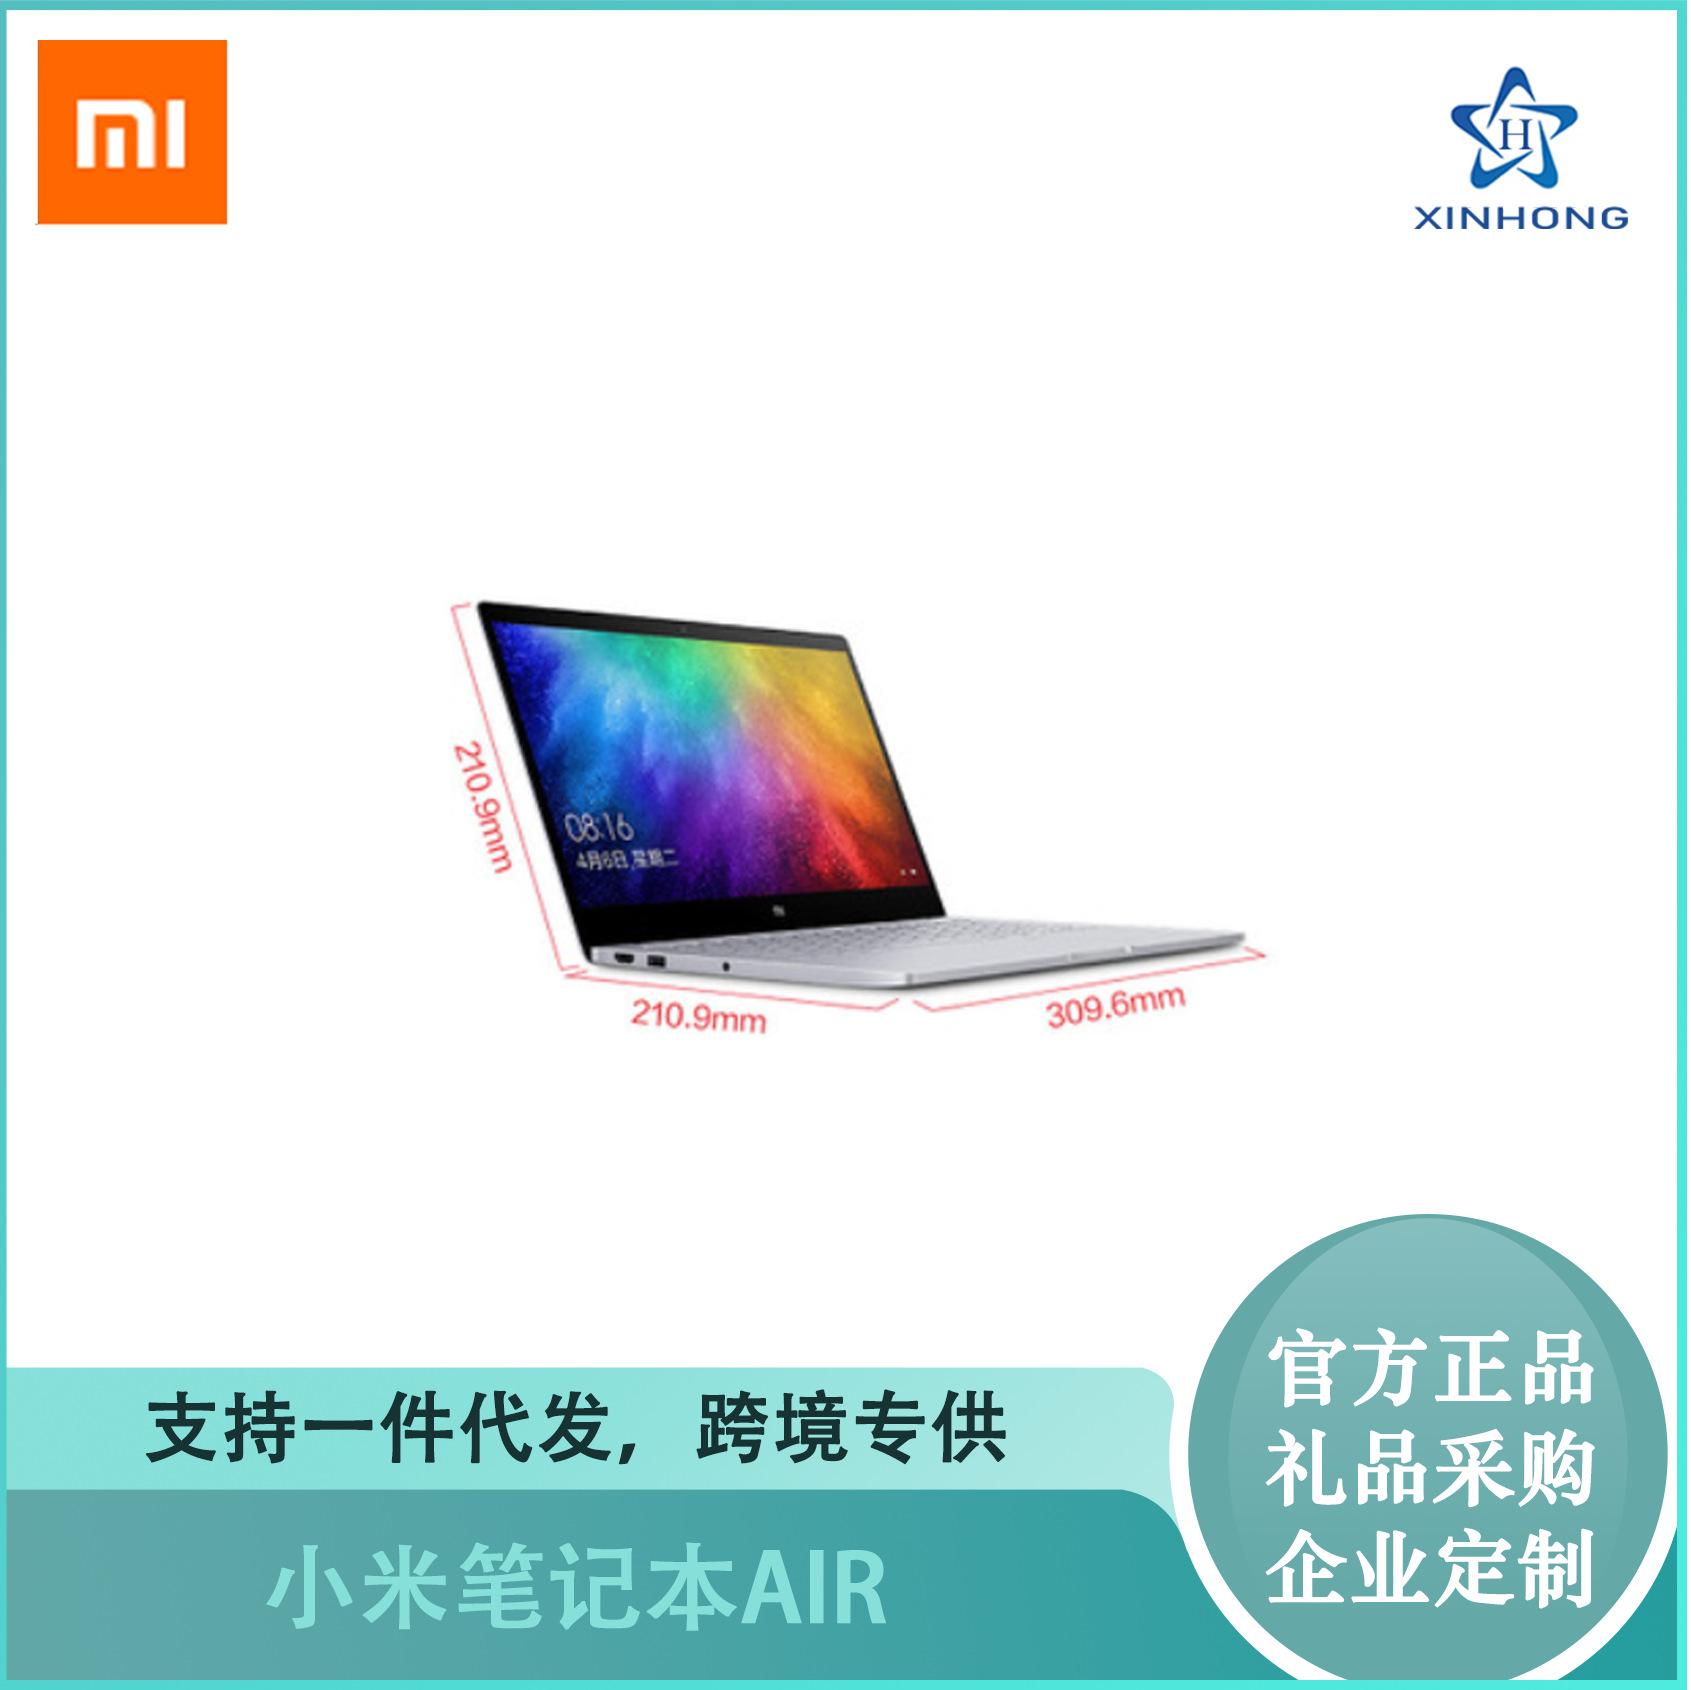 适用Xiaomi/小米 小米笔记本AIR 13.3英寸 I5 8G 256GB 2G独显